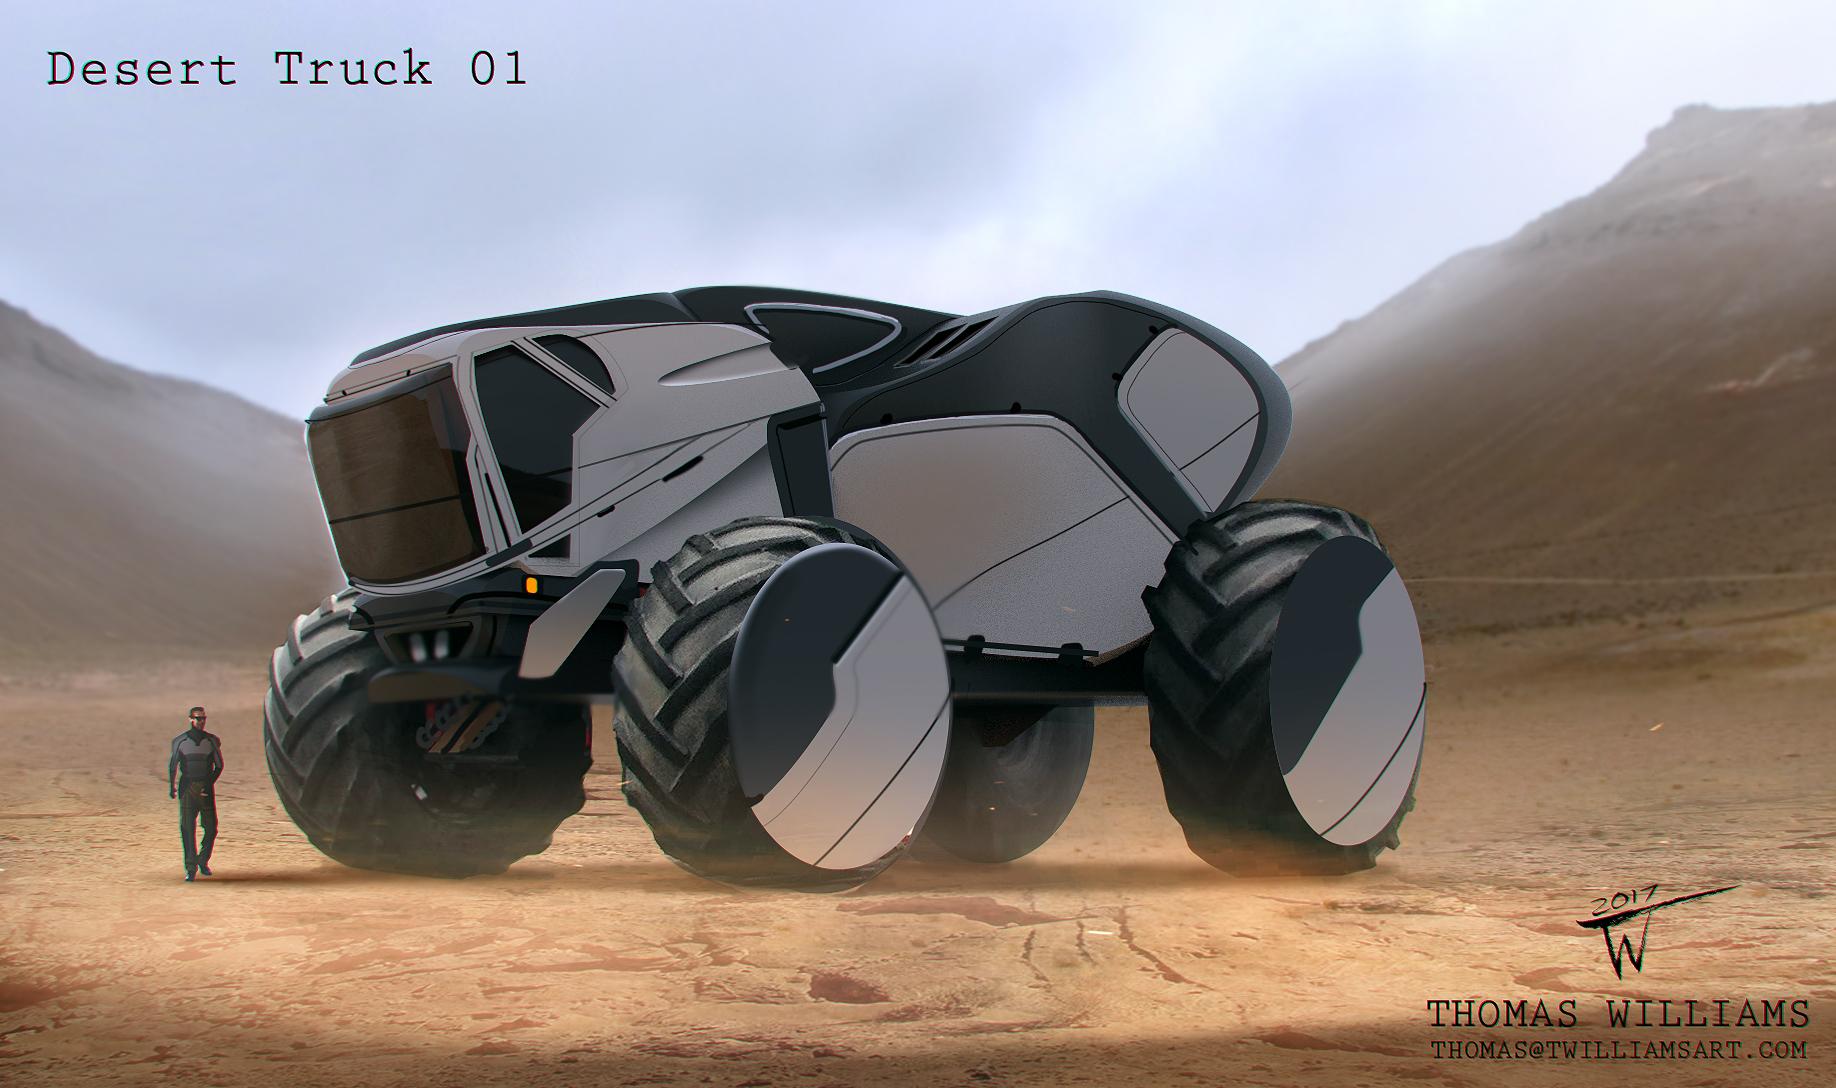 truck01.jpg